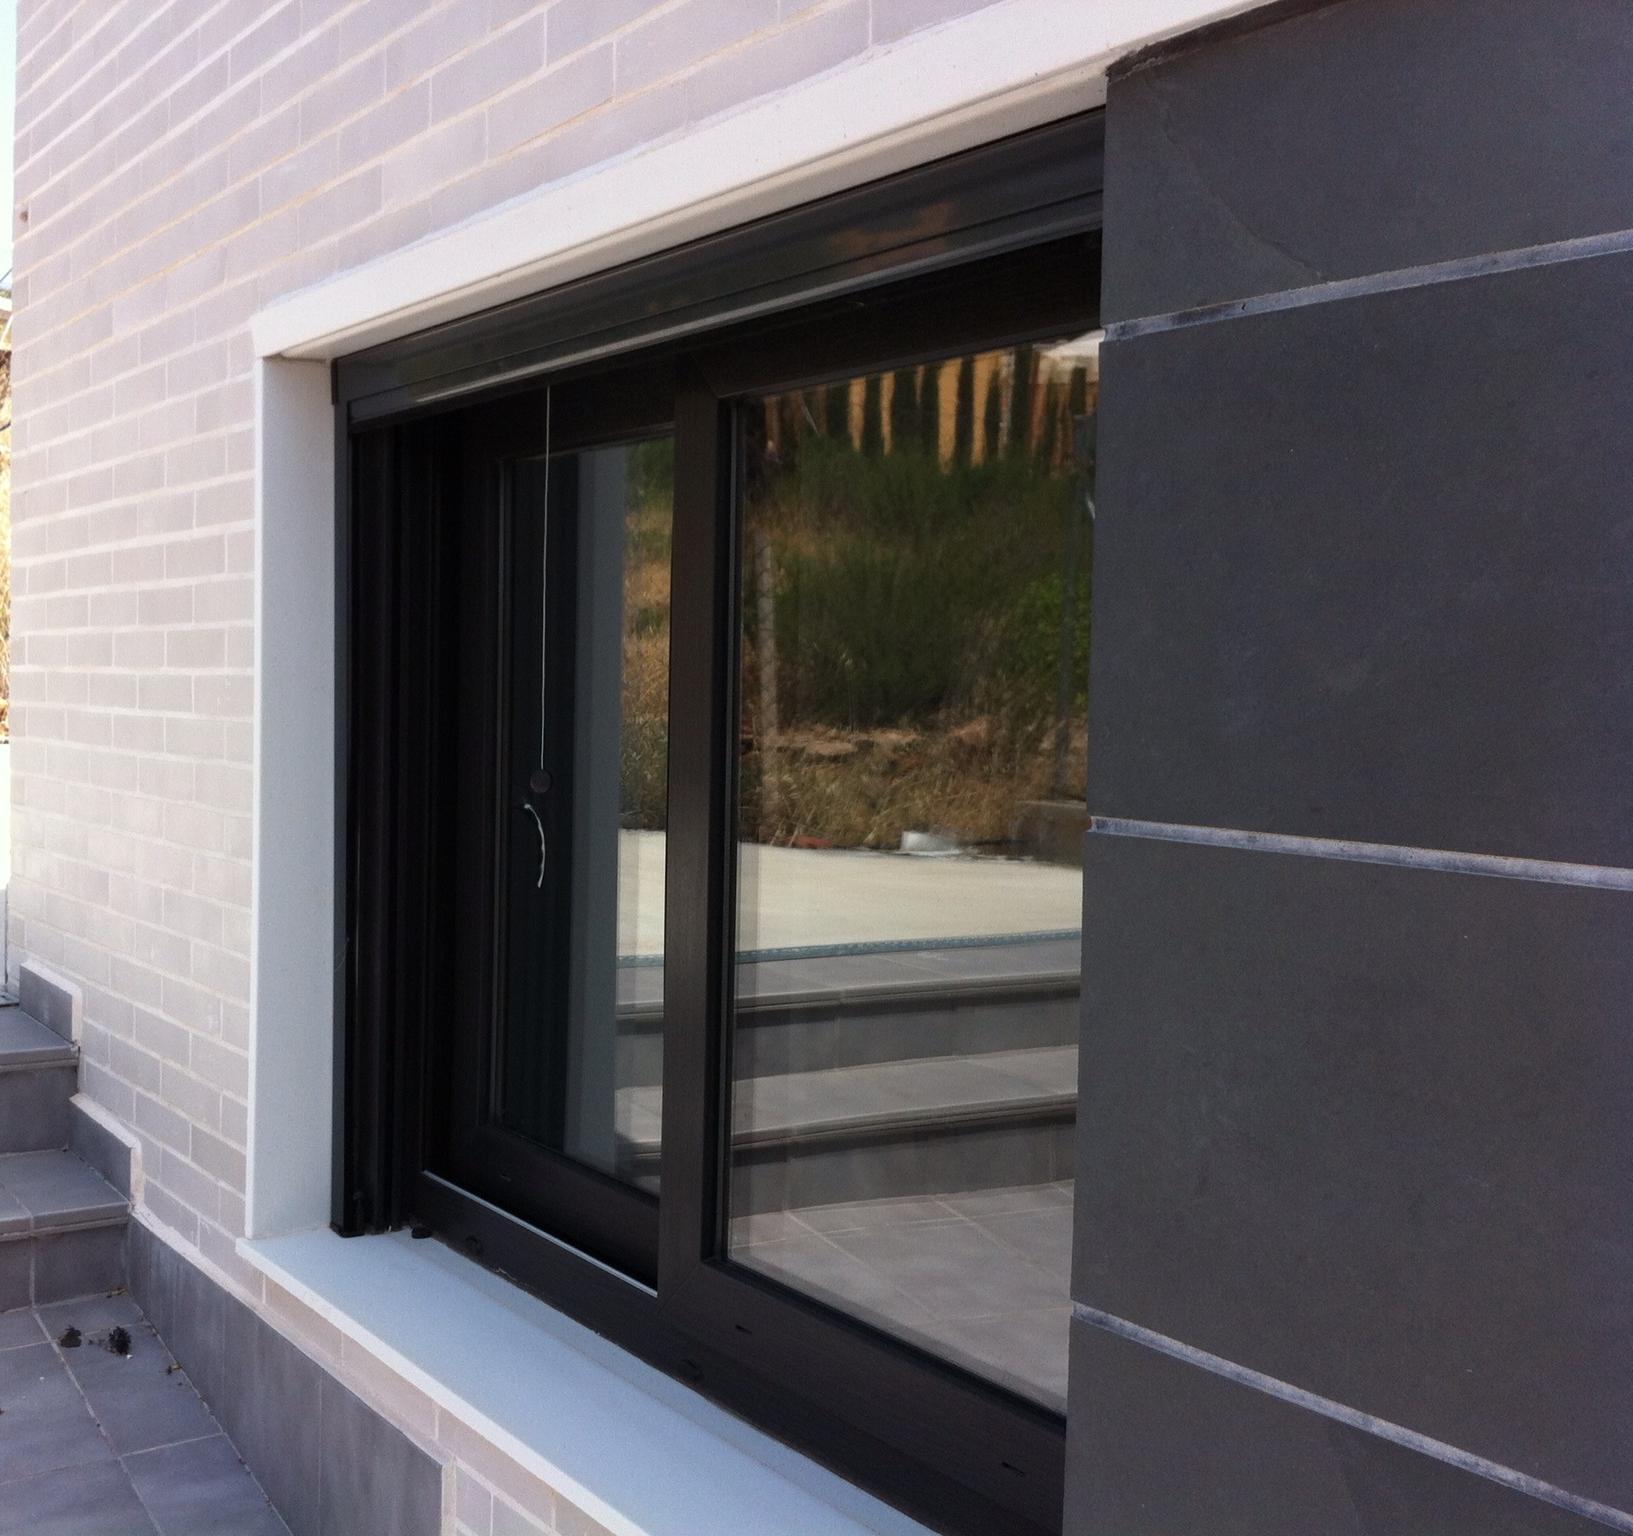 Foto 27 de Carpintería de aluminio, metálica y PVC en Valencia | Nuevo Estilo